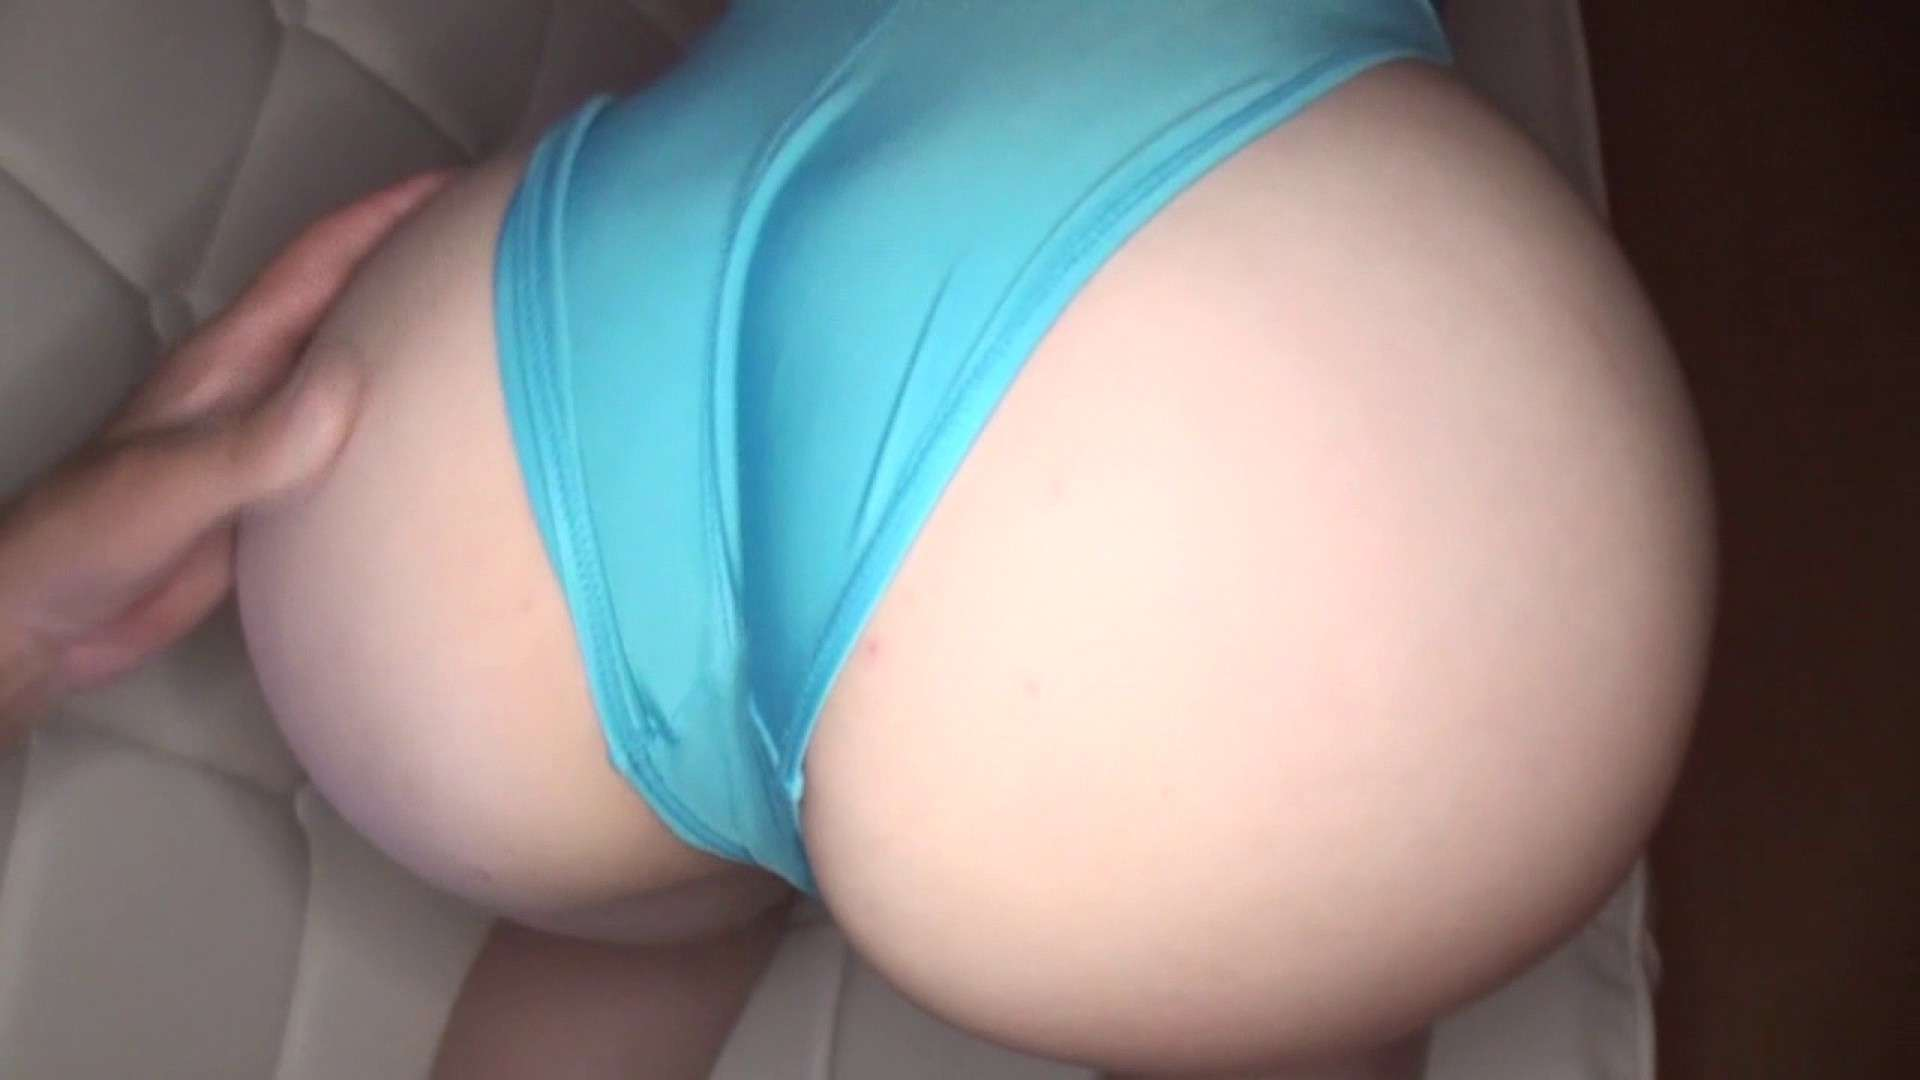 おしえてギャル子のH塾 Vol.41 フェラチオ娘   小悪魔ギャル  53連発 9